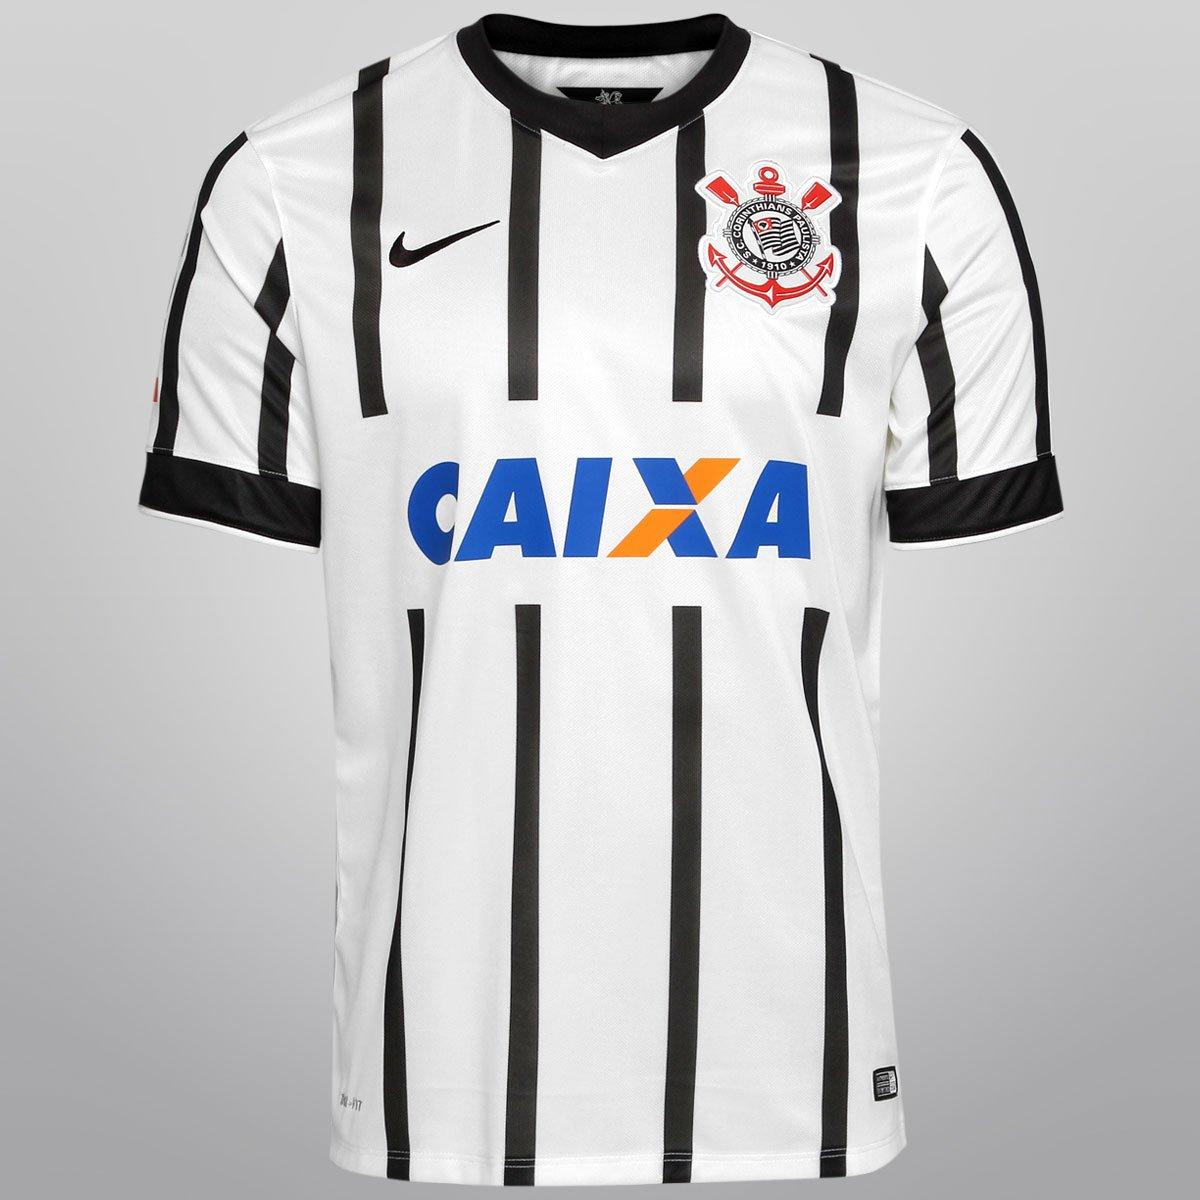 Camisa Nike Corinthians I 14 15 s nº - Torcedor - Compre Agora ... 408e6ed39da